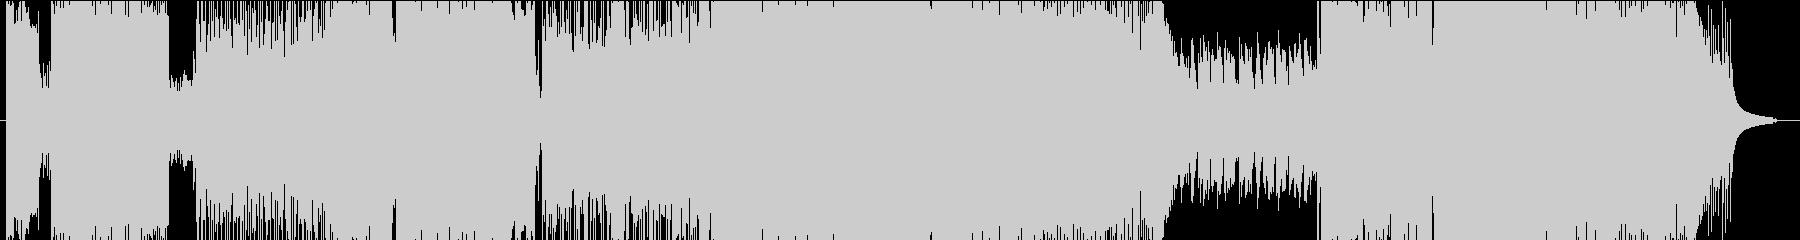 海鳴りのうたの未再生の波形